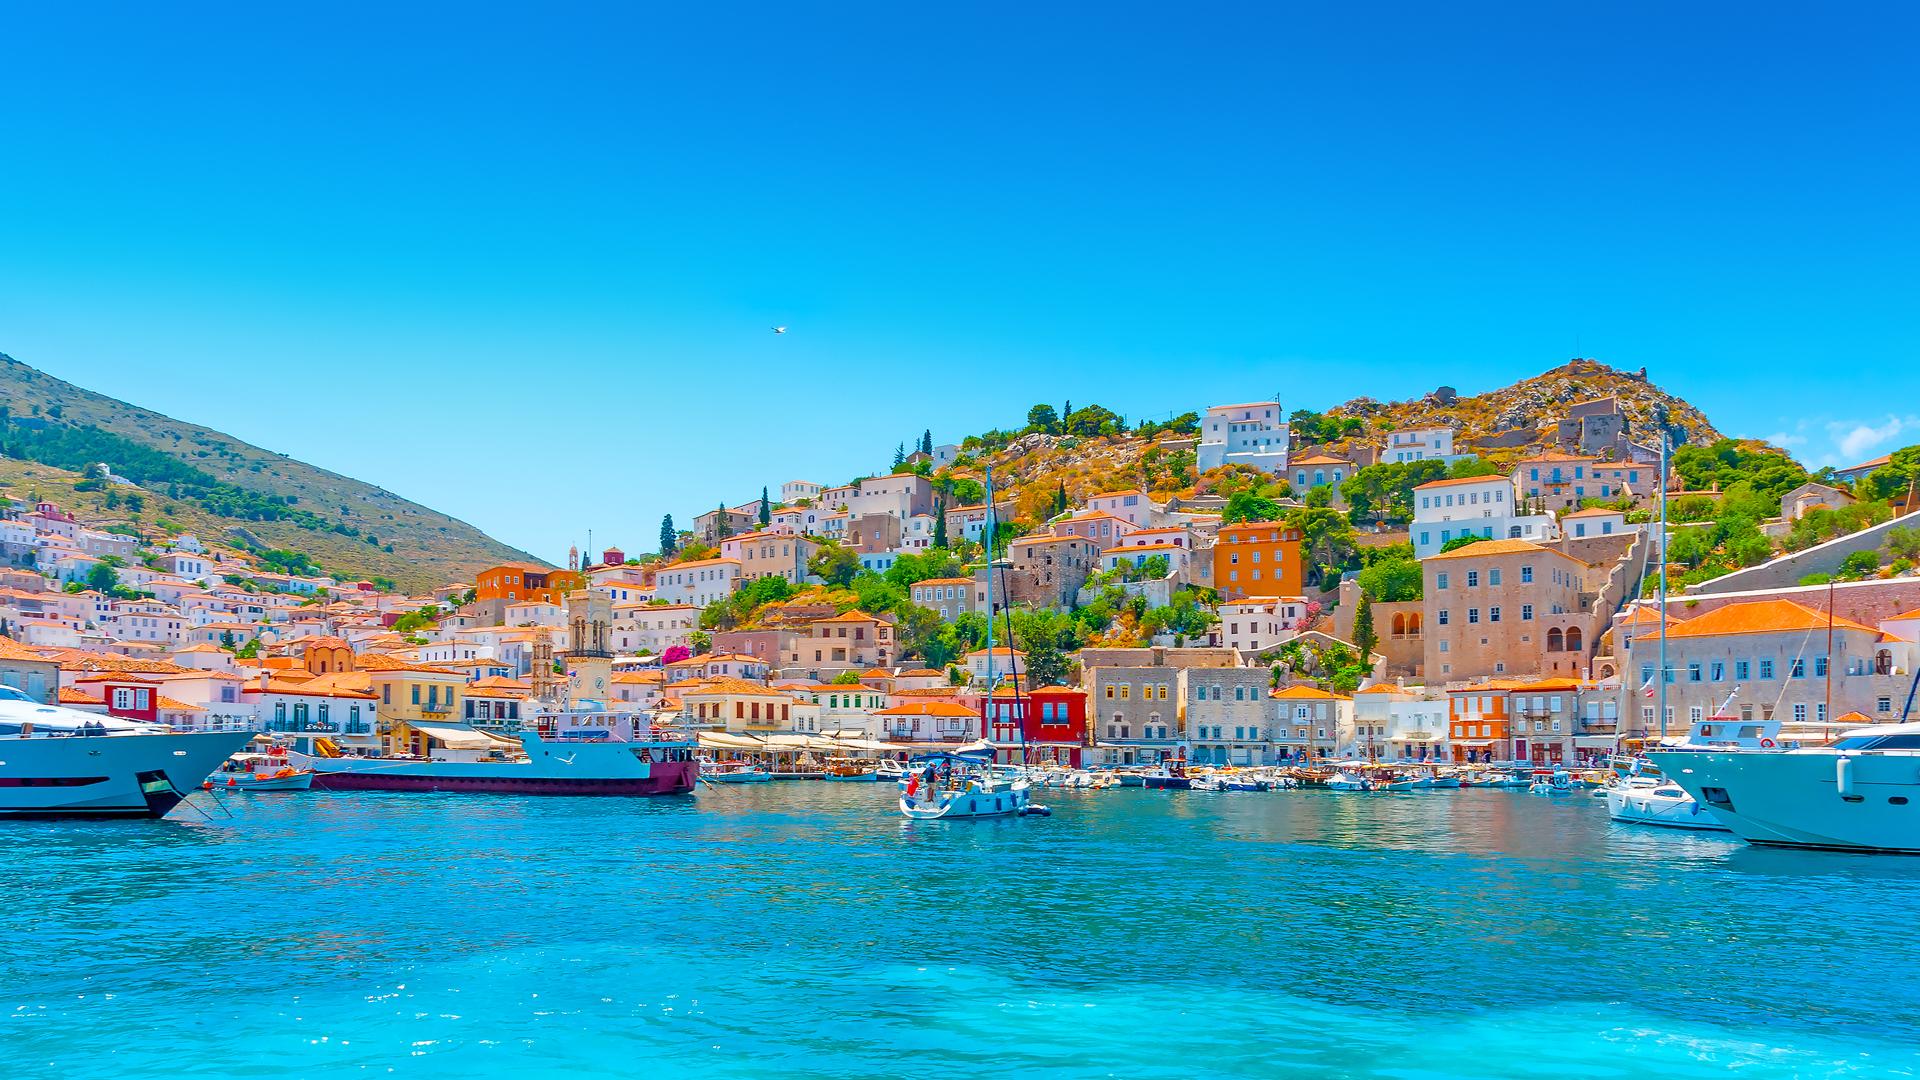 Saronic Gulf - Tour 2 - 1